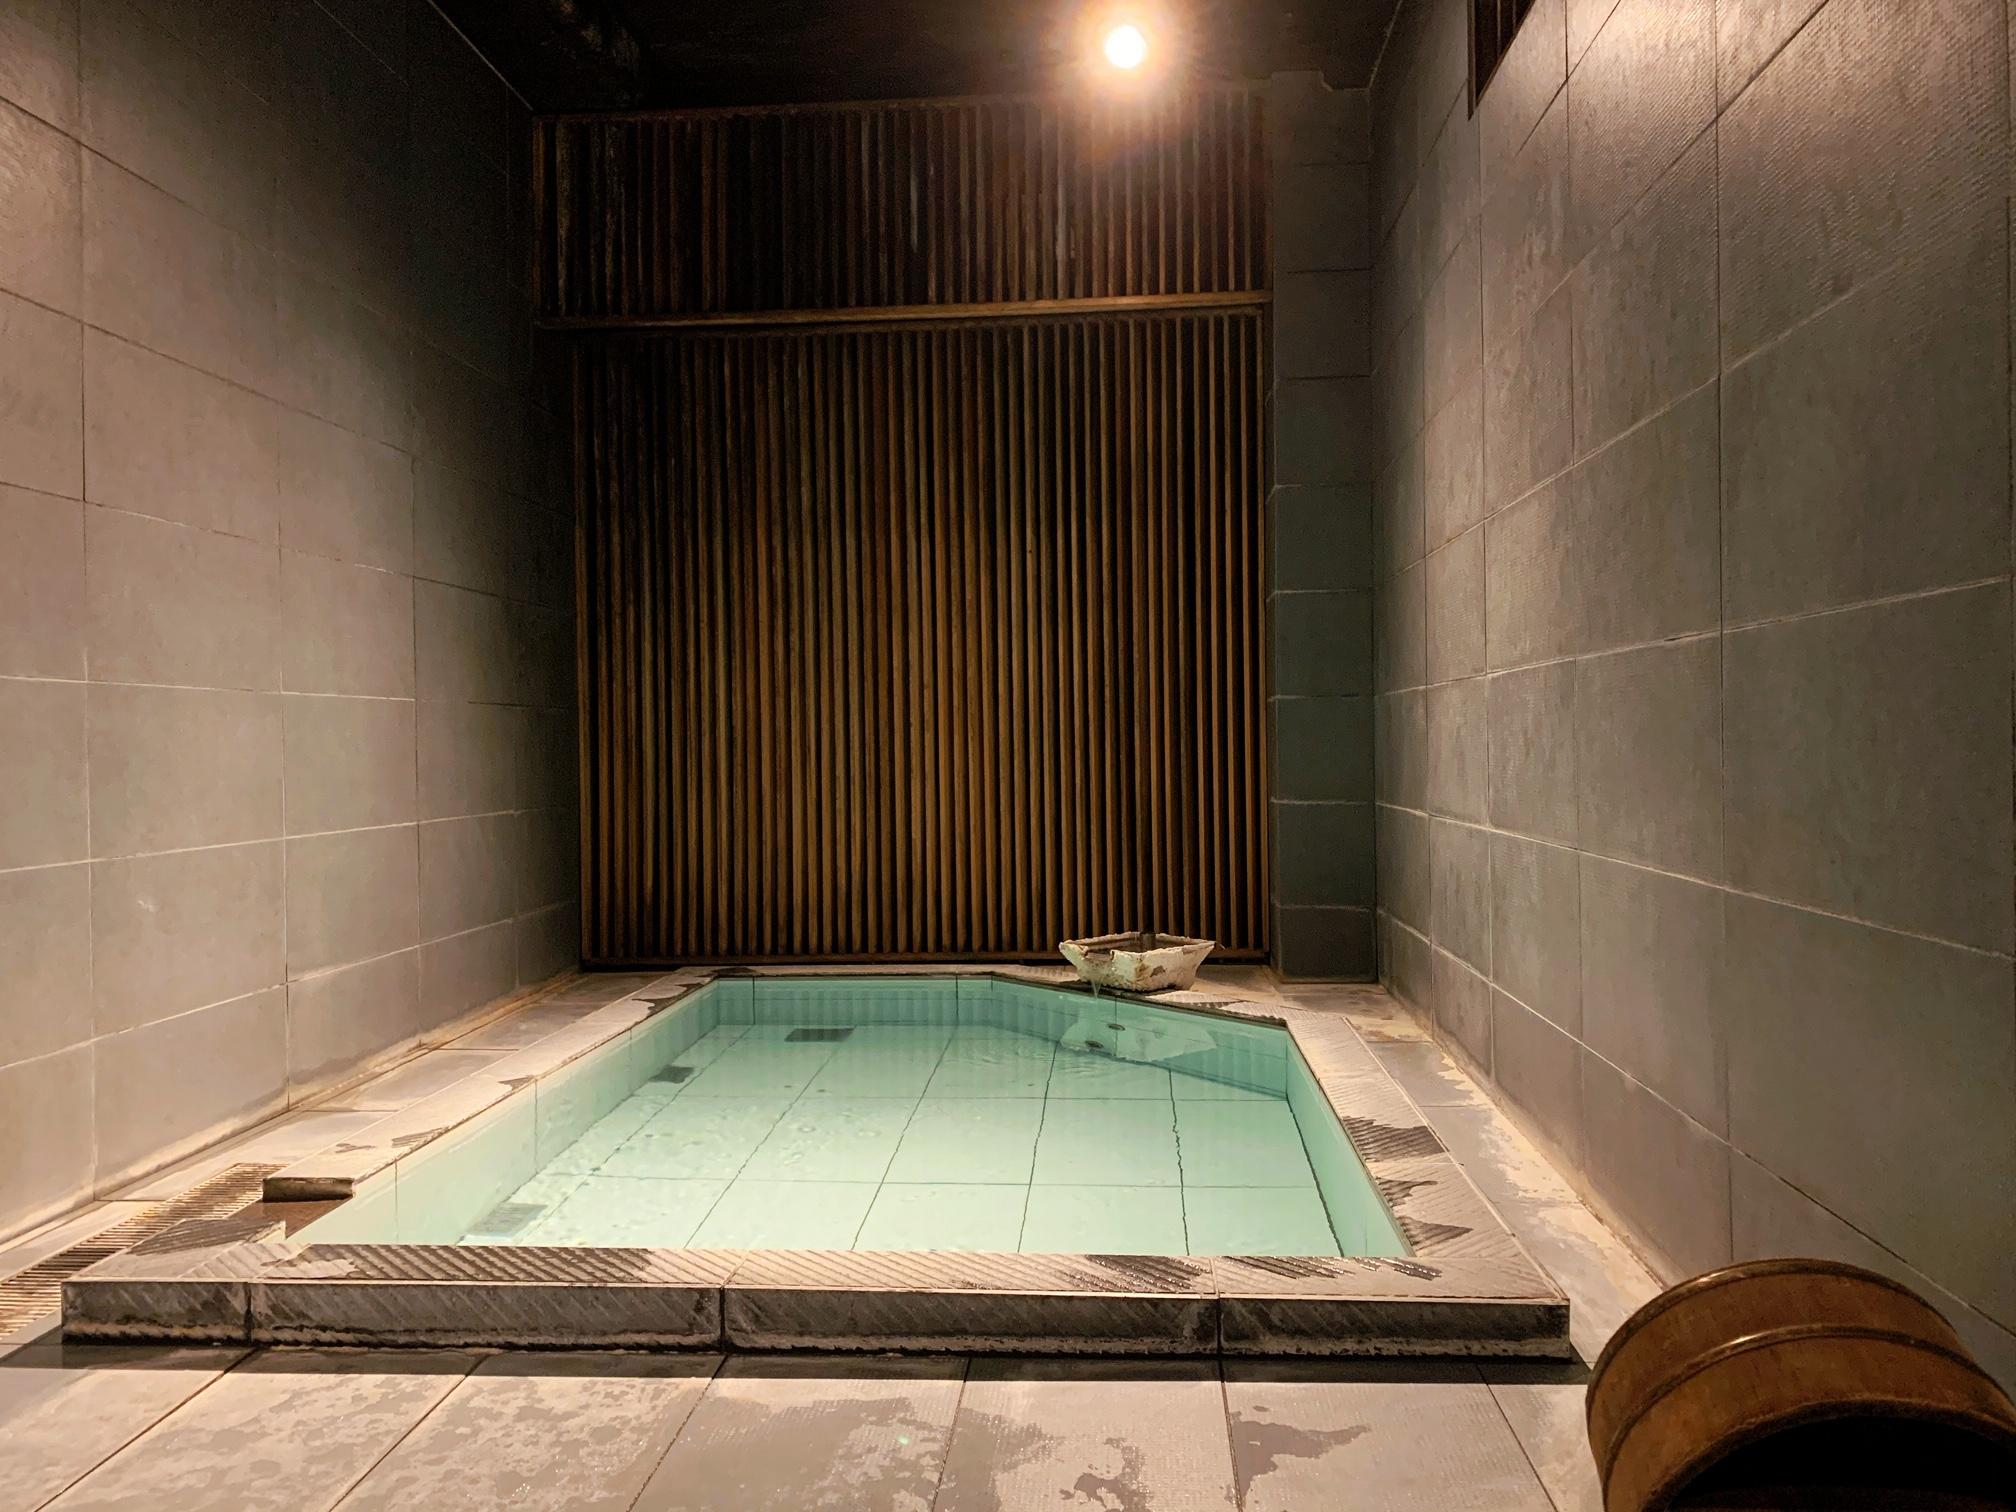 【癒し宿】貸切温泉からもお部屋からも《川のせせらぎ》が聴こえて落ち着いて過ごせる宿♡_12